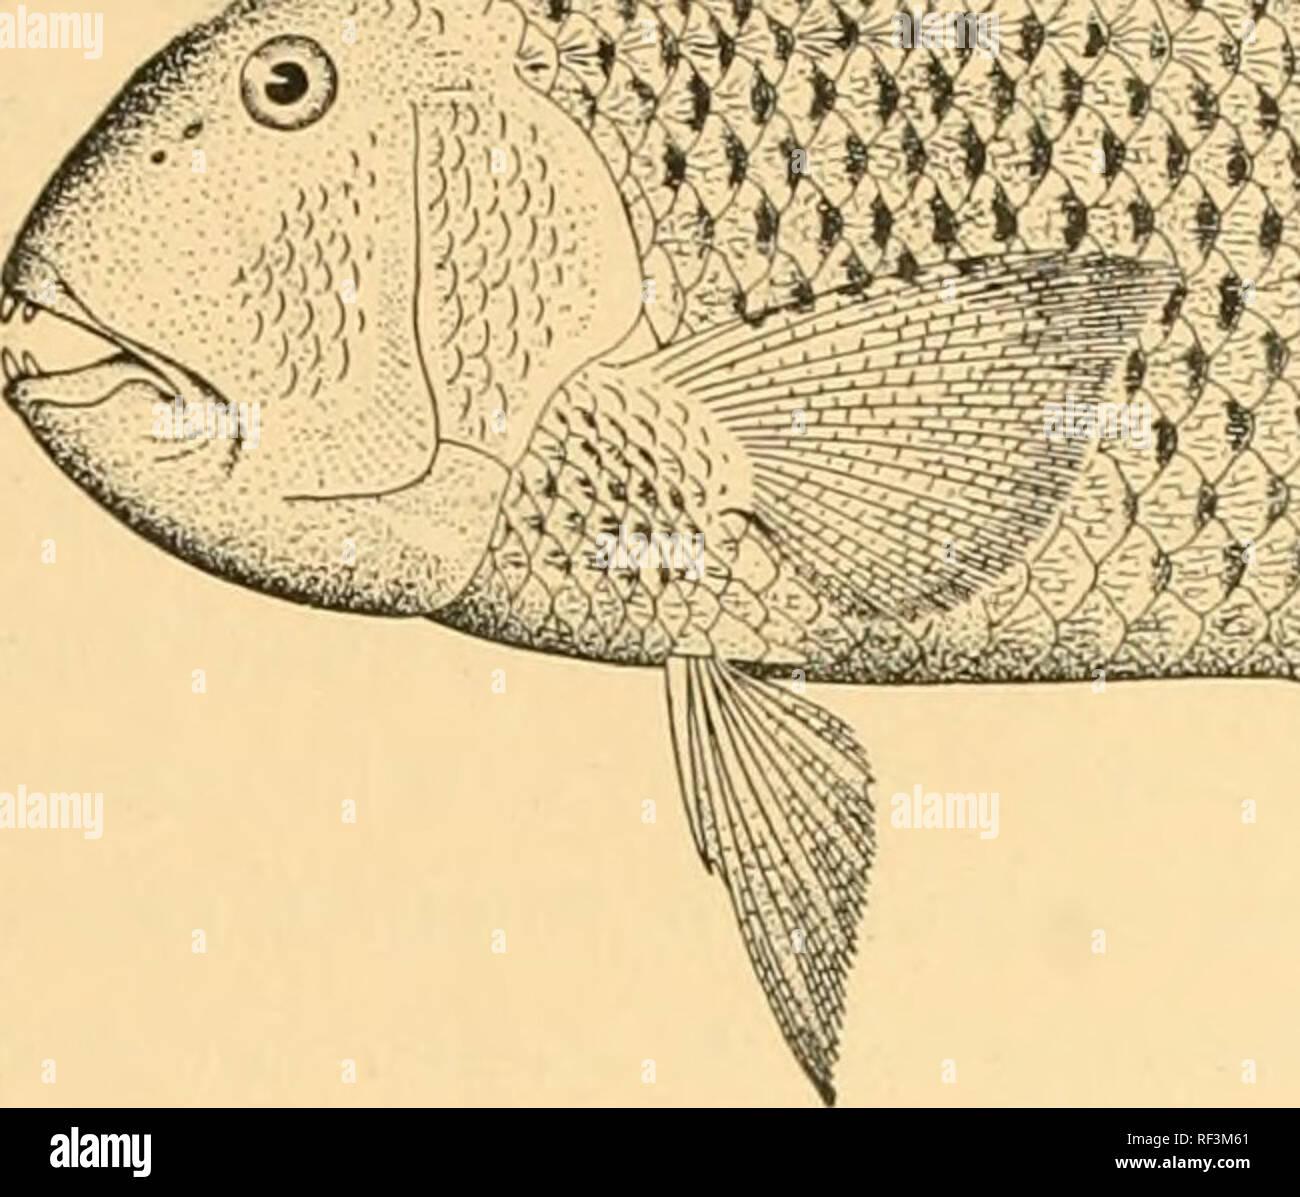 best cheap 98128 99c72 . Ein Katalog der Fische von Formosa. Fische. JORDAN UND RICHARDSON  FISCHE  DER INSEL FORMOSA 195 222.